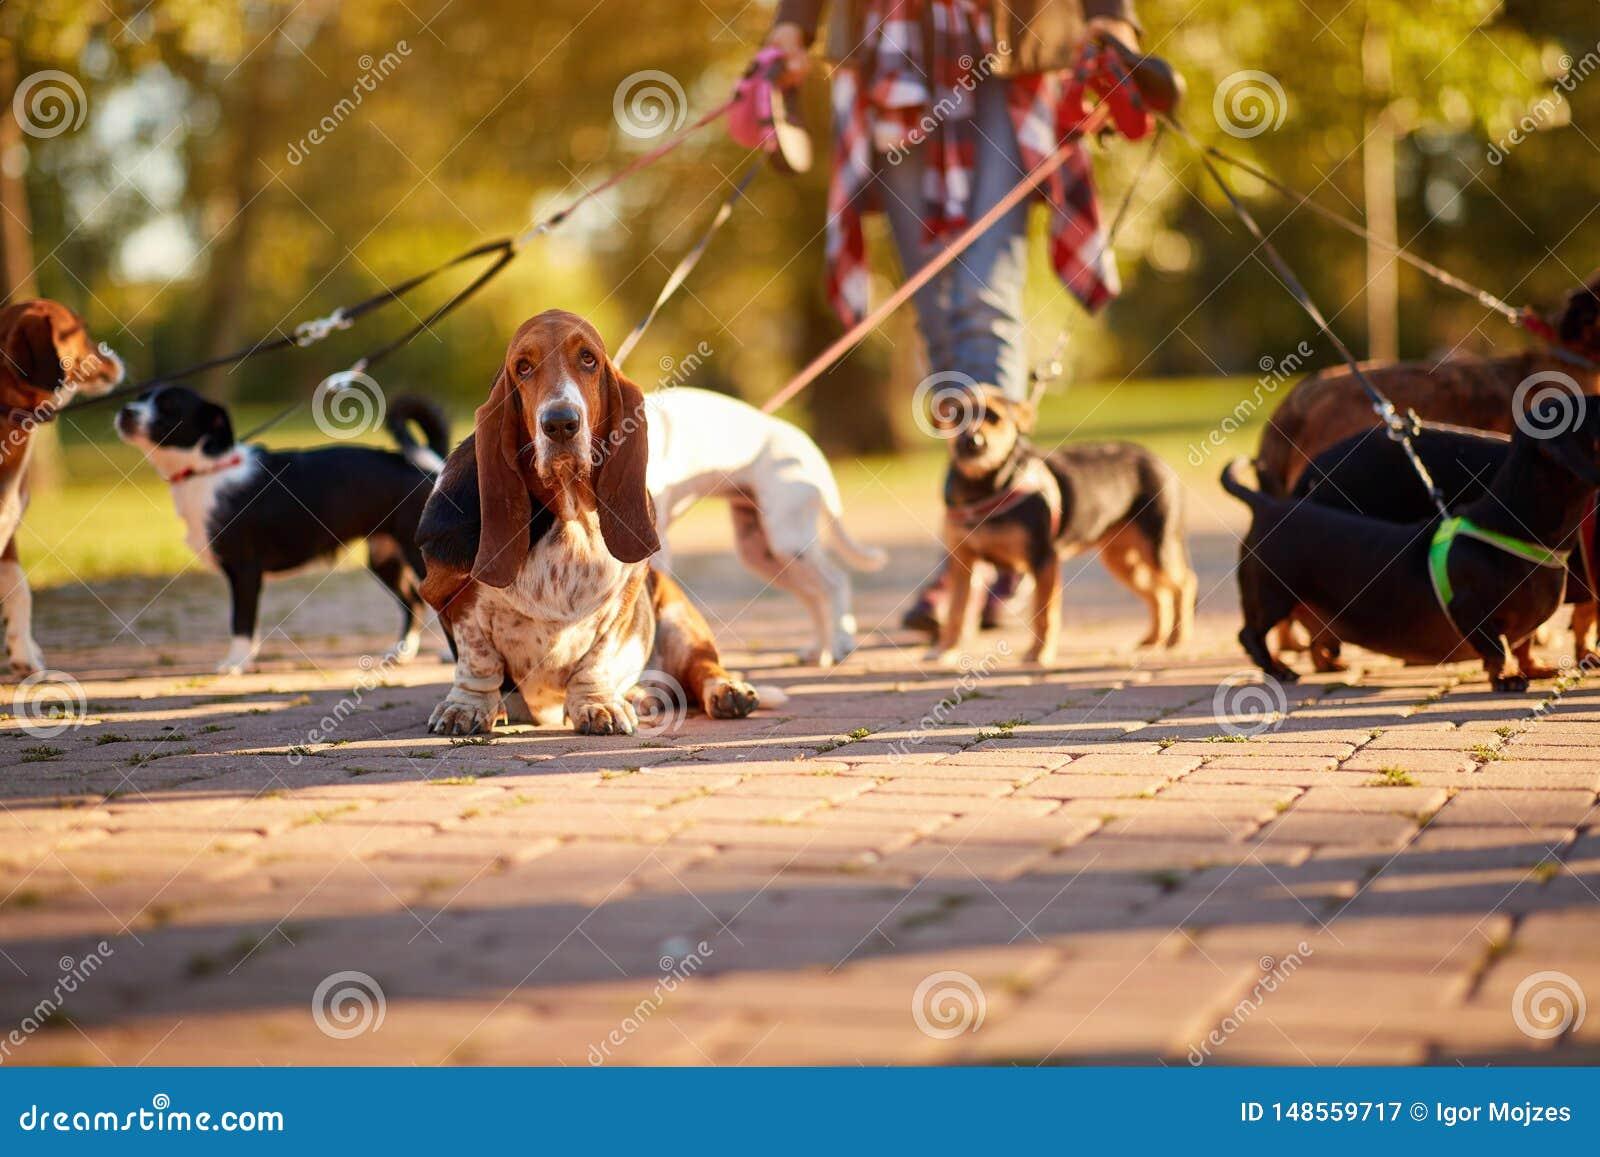 Профессиональный ходок собаки - гончая выхода пластов наслаждаясь в прогулке